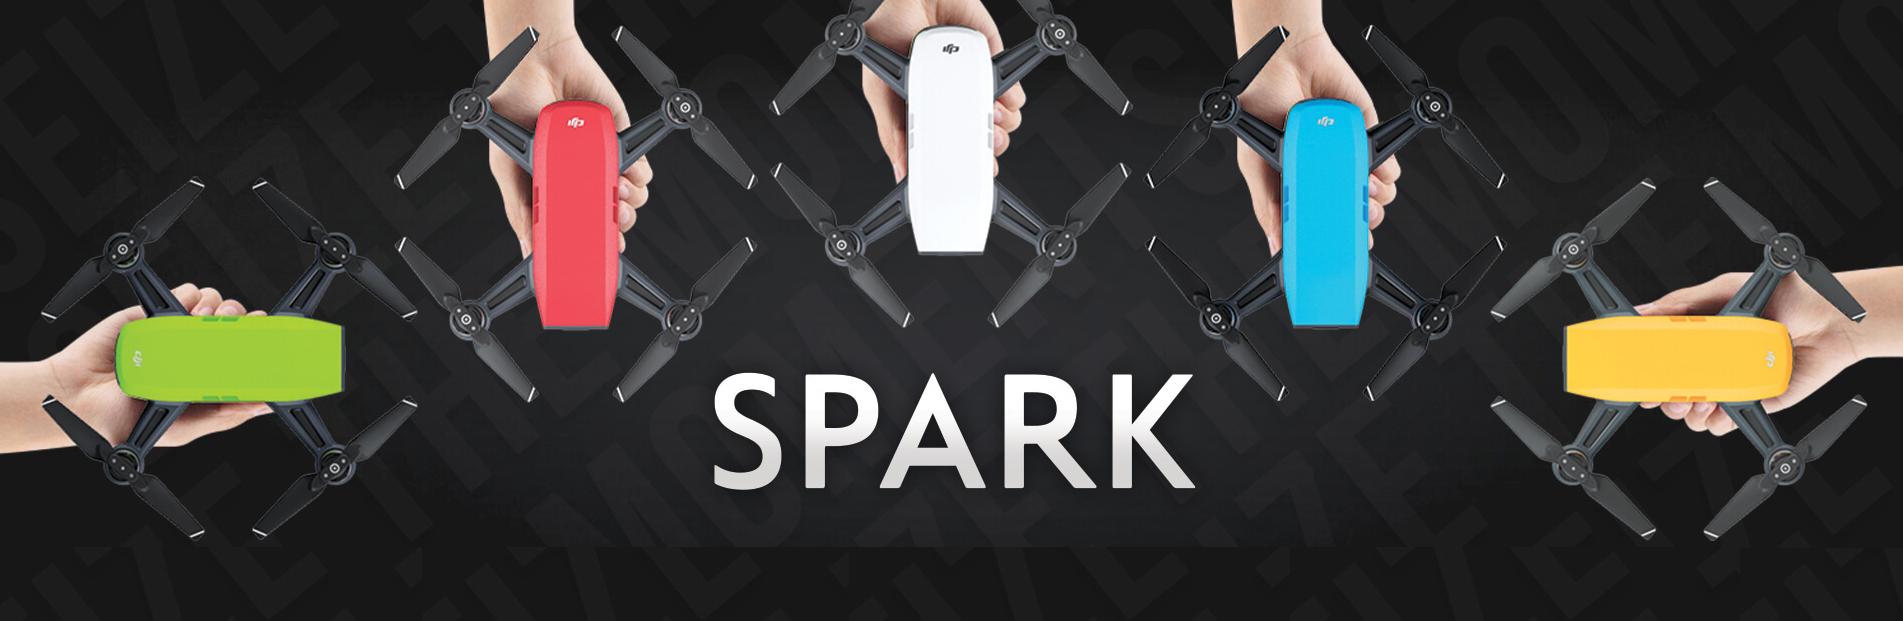 DJI Spark Alpine White